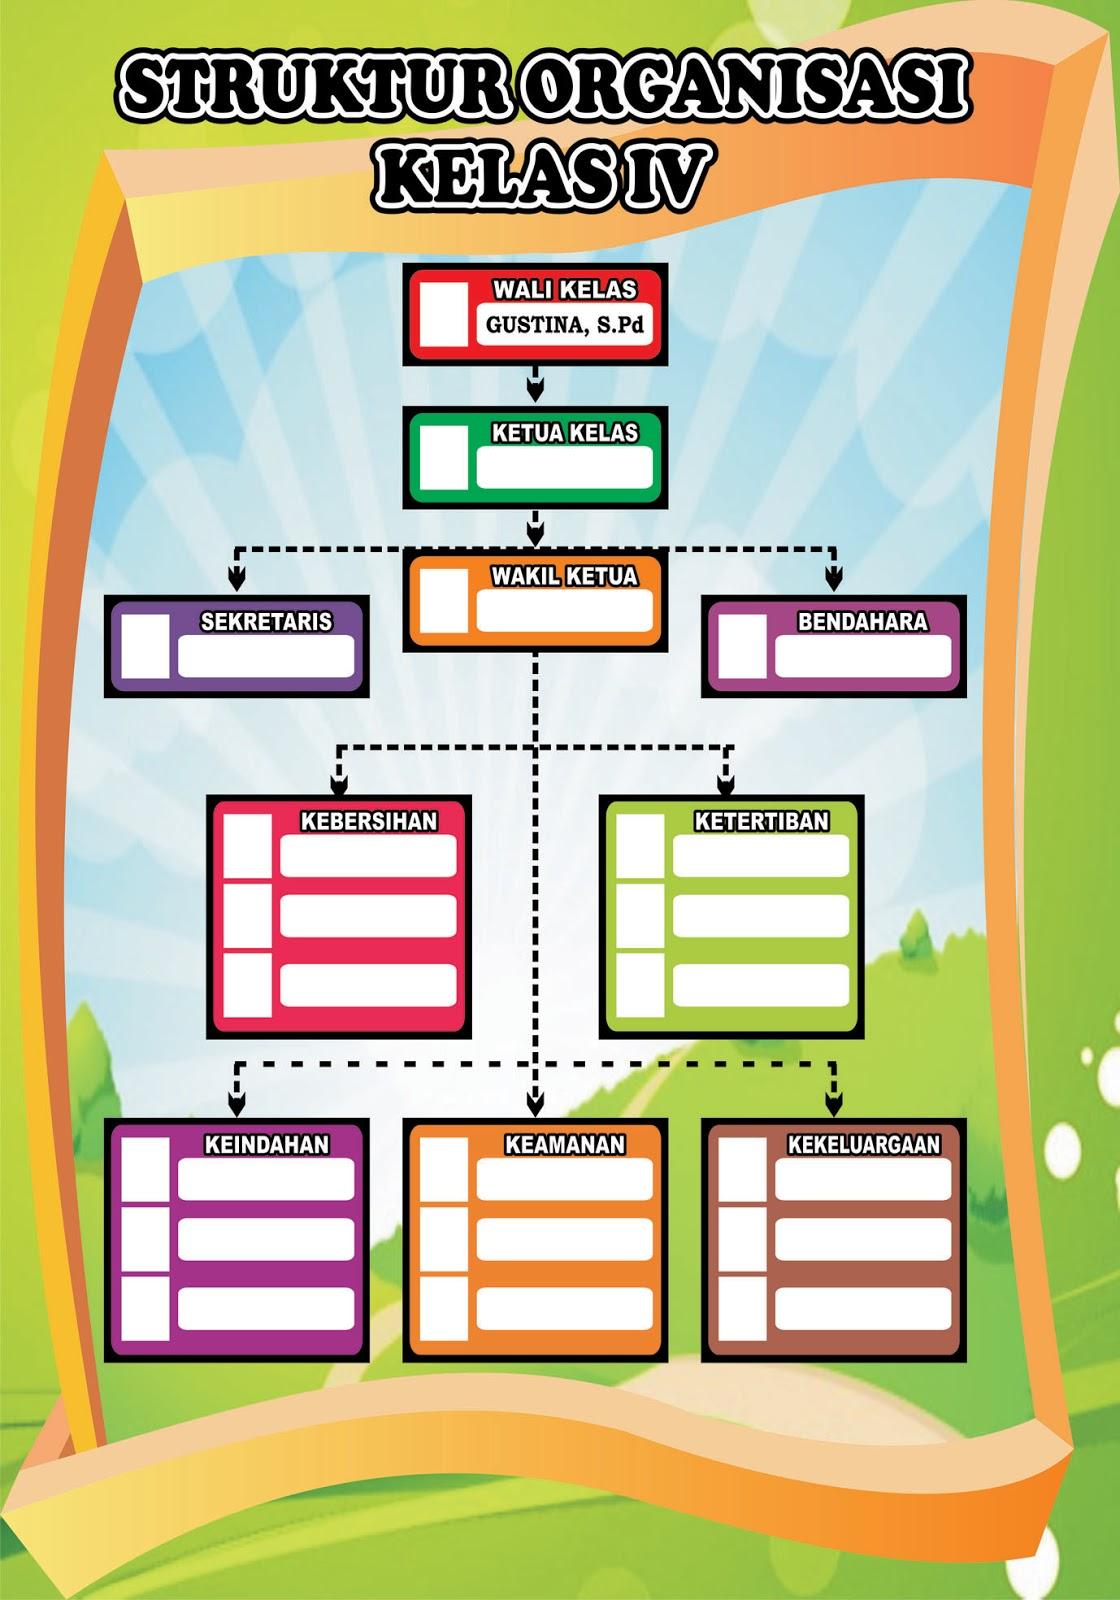 computer desain contoh desain struktur organisasi kelas Bagan Struktur Organisasi Perusahaan hai guys berhubung dengan masuknnya tahun ajaran baru, maka kali ini saya akan menampilkan beberapa contoh desain struktur organisasi kelas, berikut contoh